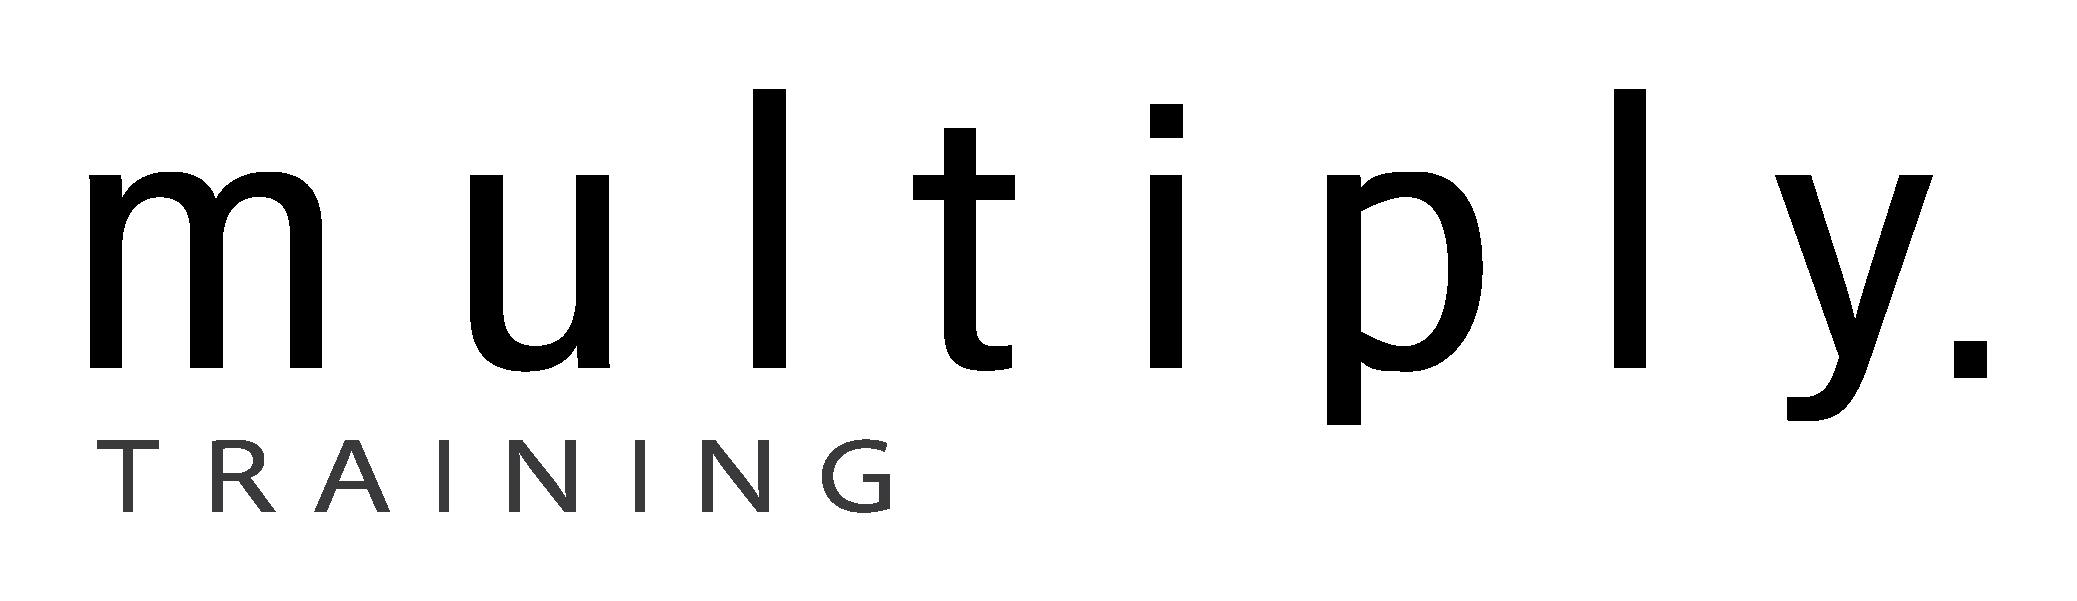 Login logo image